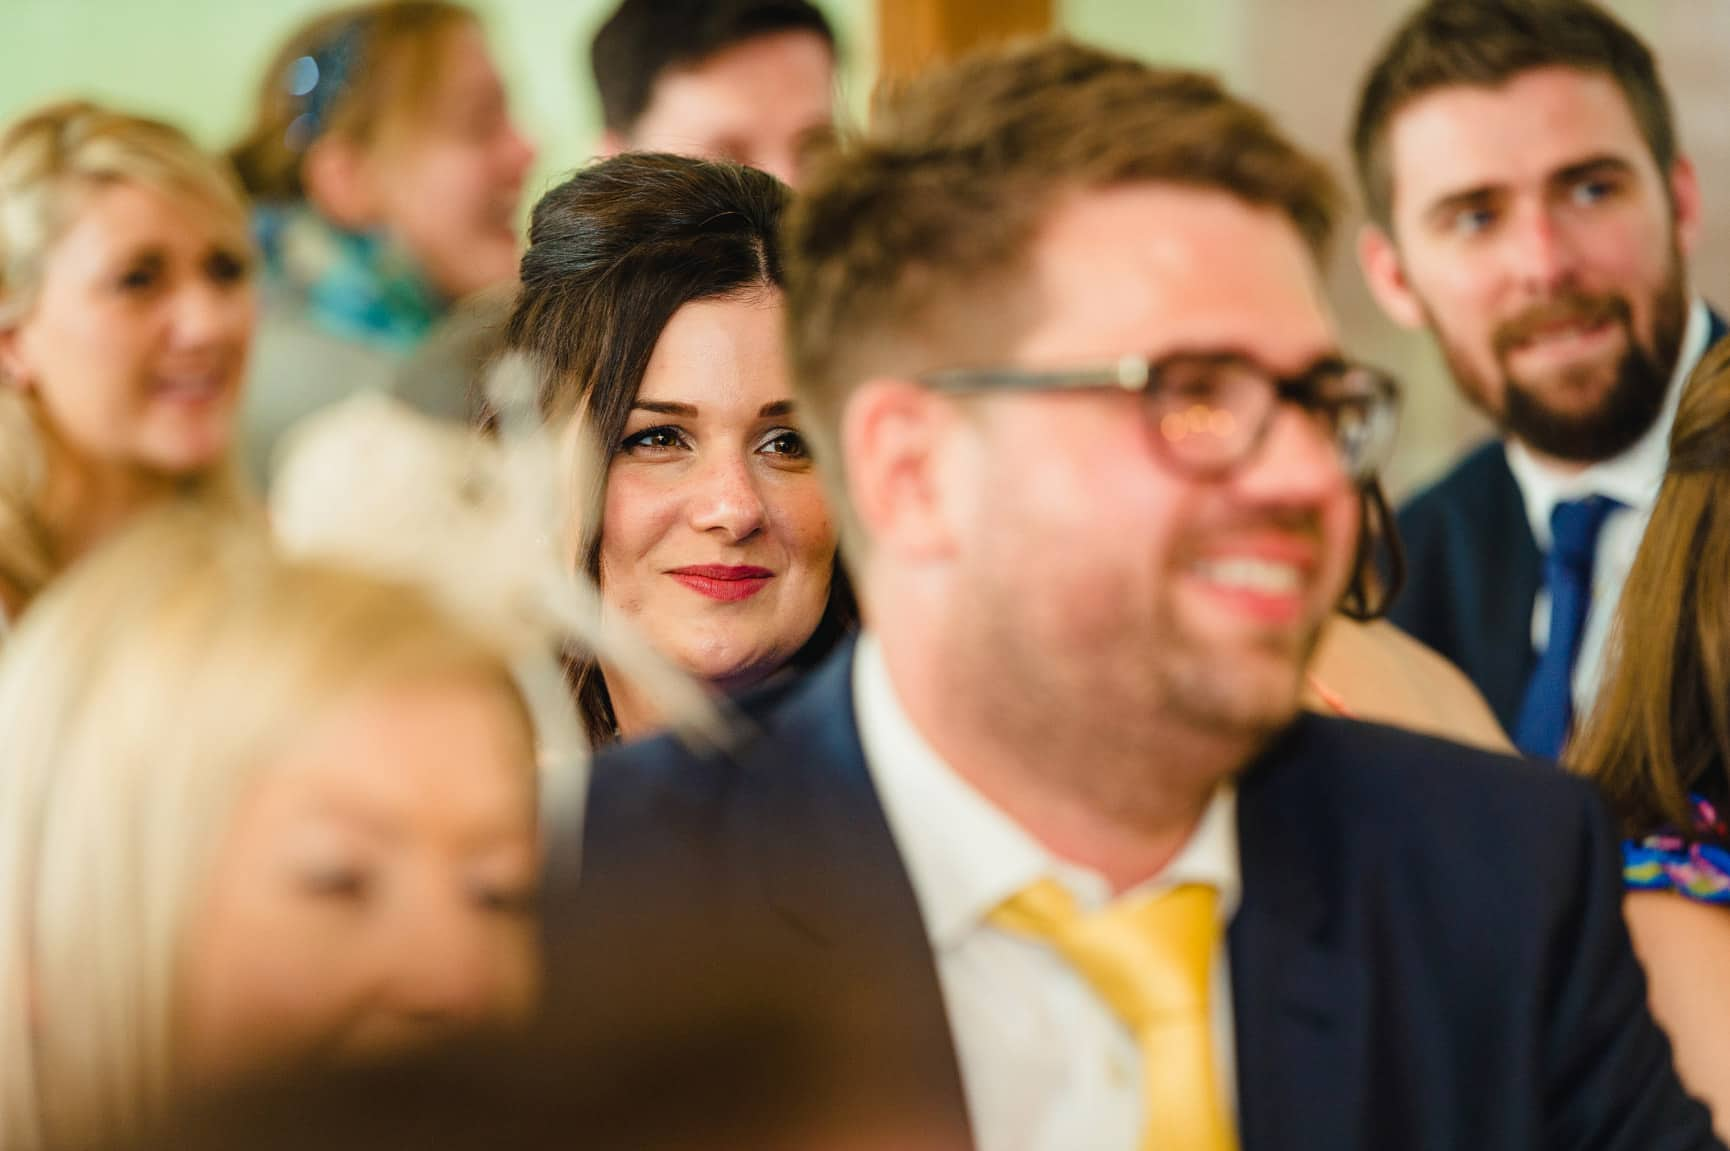 Fforest Wedding, Cardigan, Wales - Lauren and Gareth 126